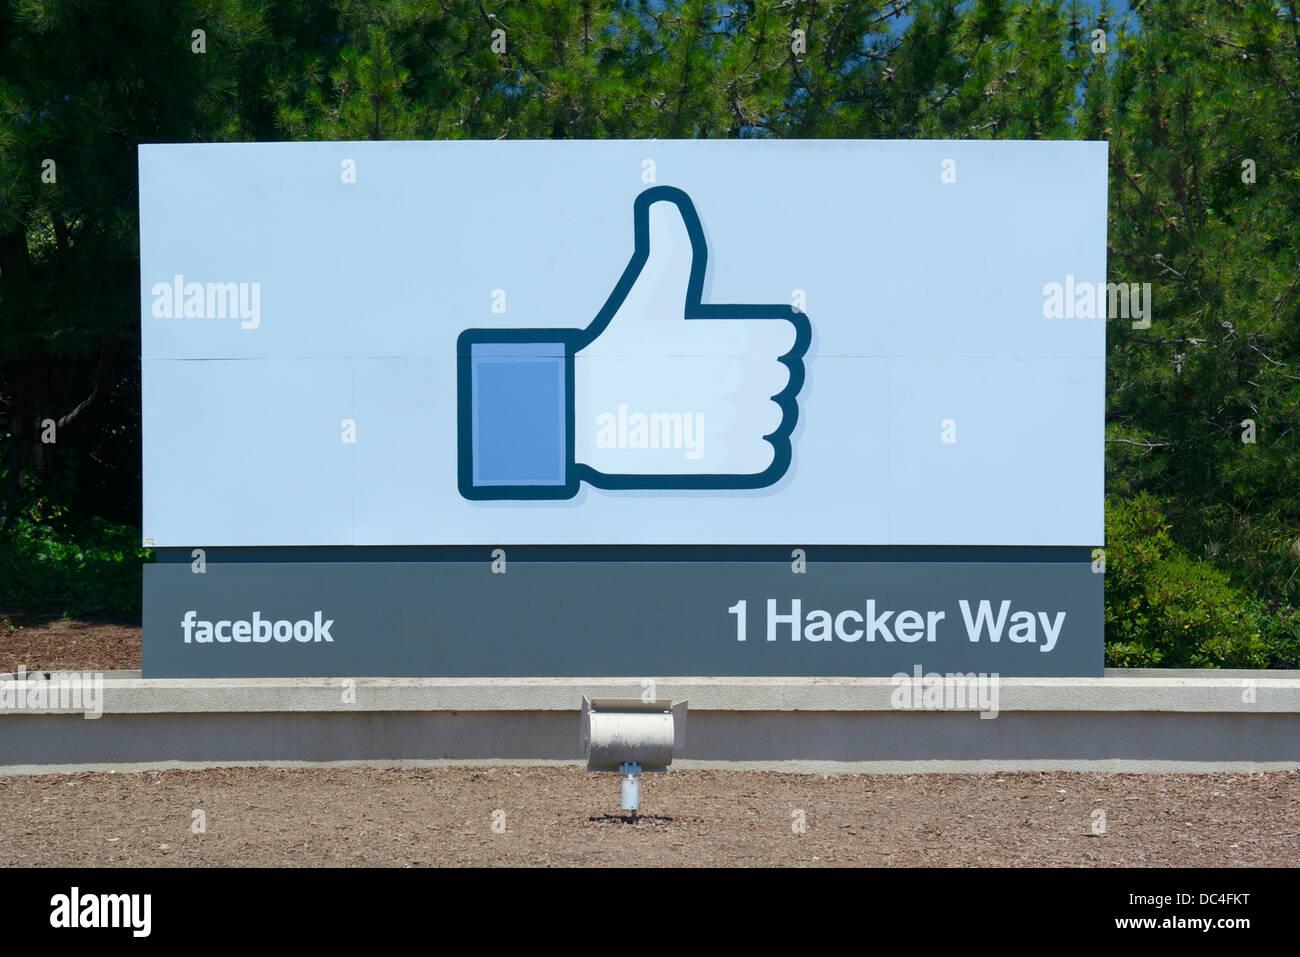 Facebook corporate headquarters, Menlo Park - Stock Image